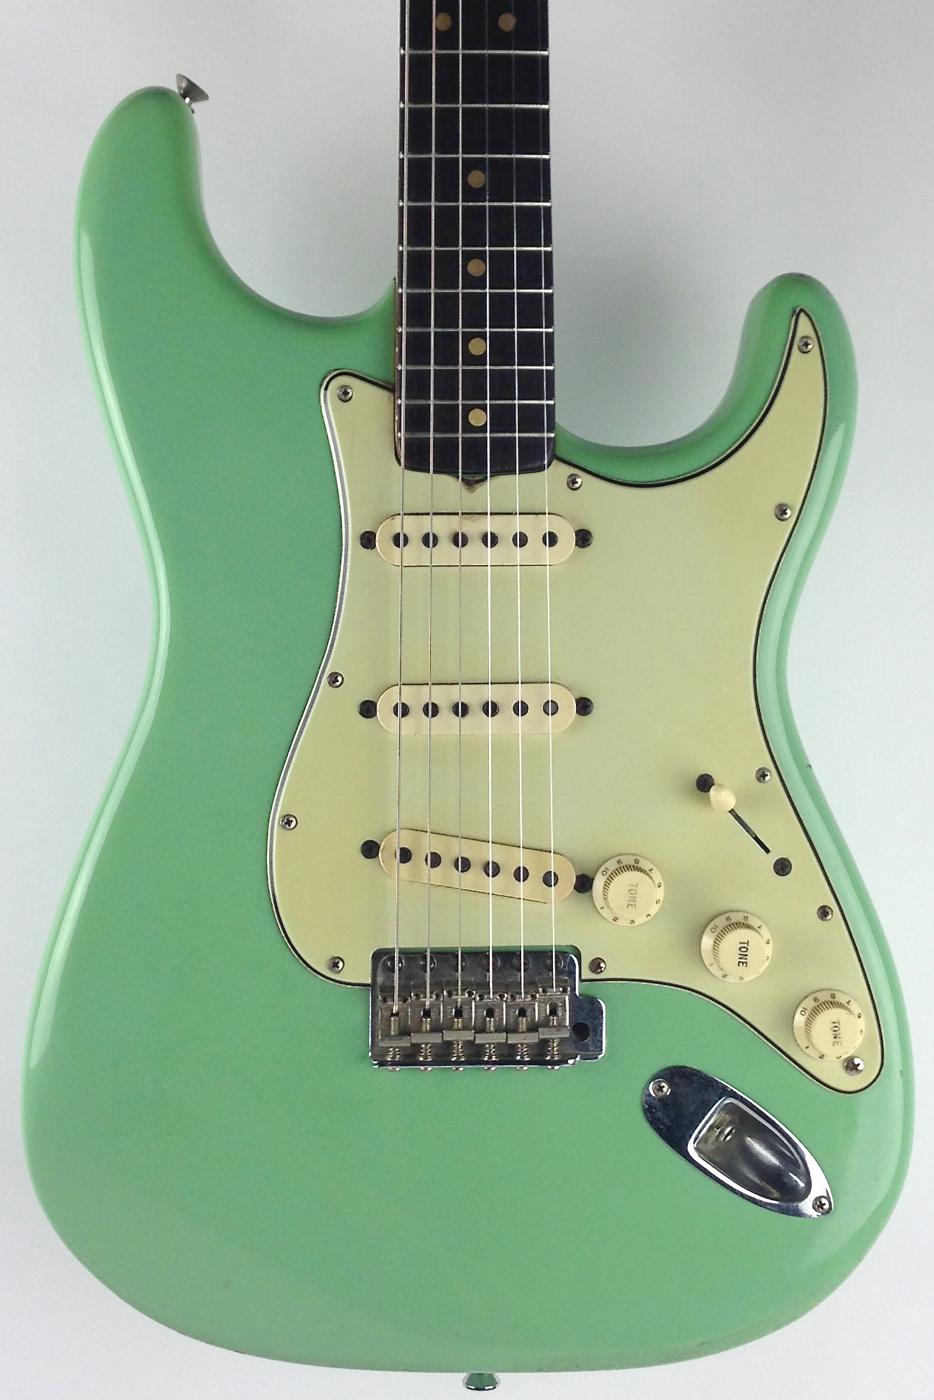 fender stratocaster 1964 seafoam green guitar for sale thunder road guitars. Black Bedroom Furniture Sets. Home Design Ideas